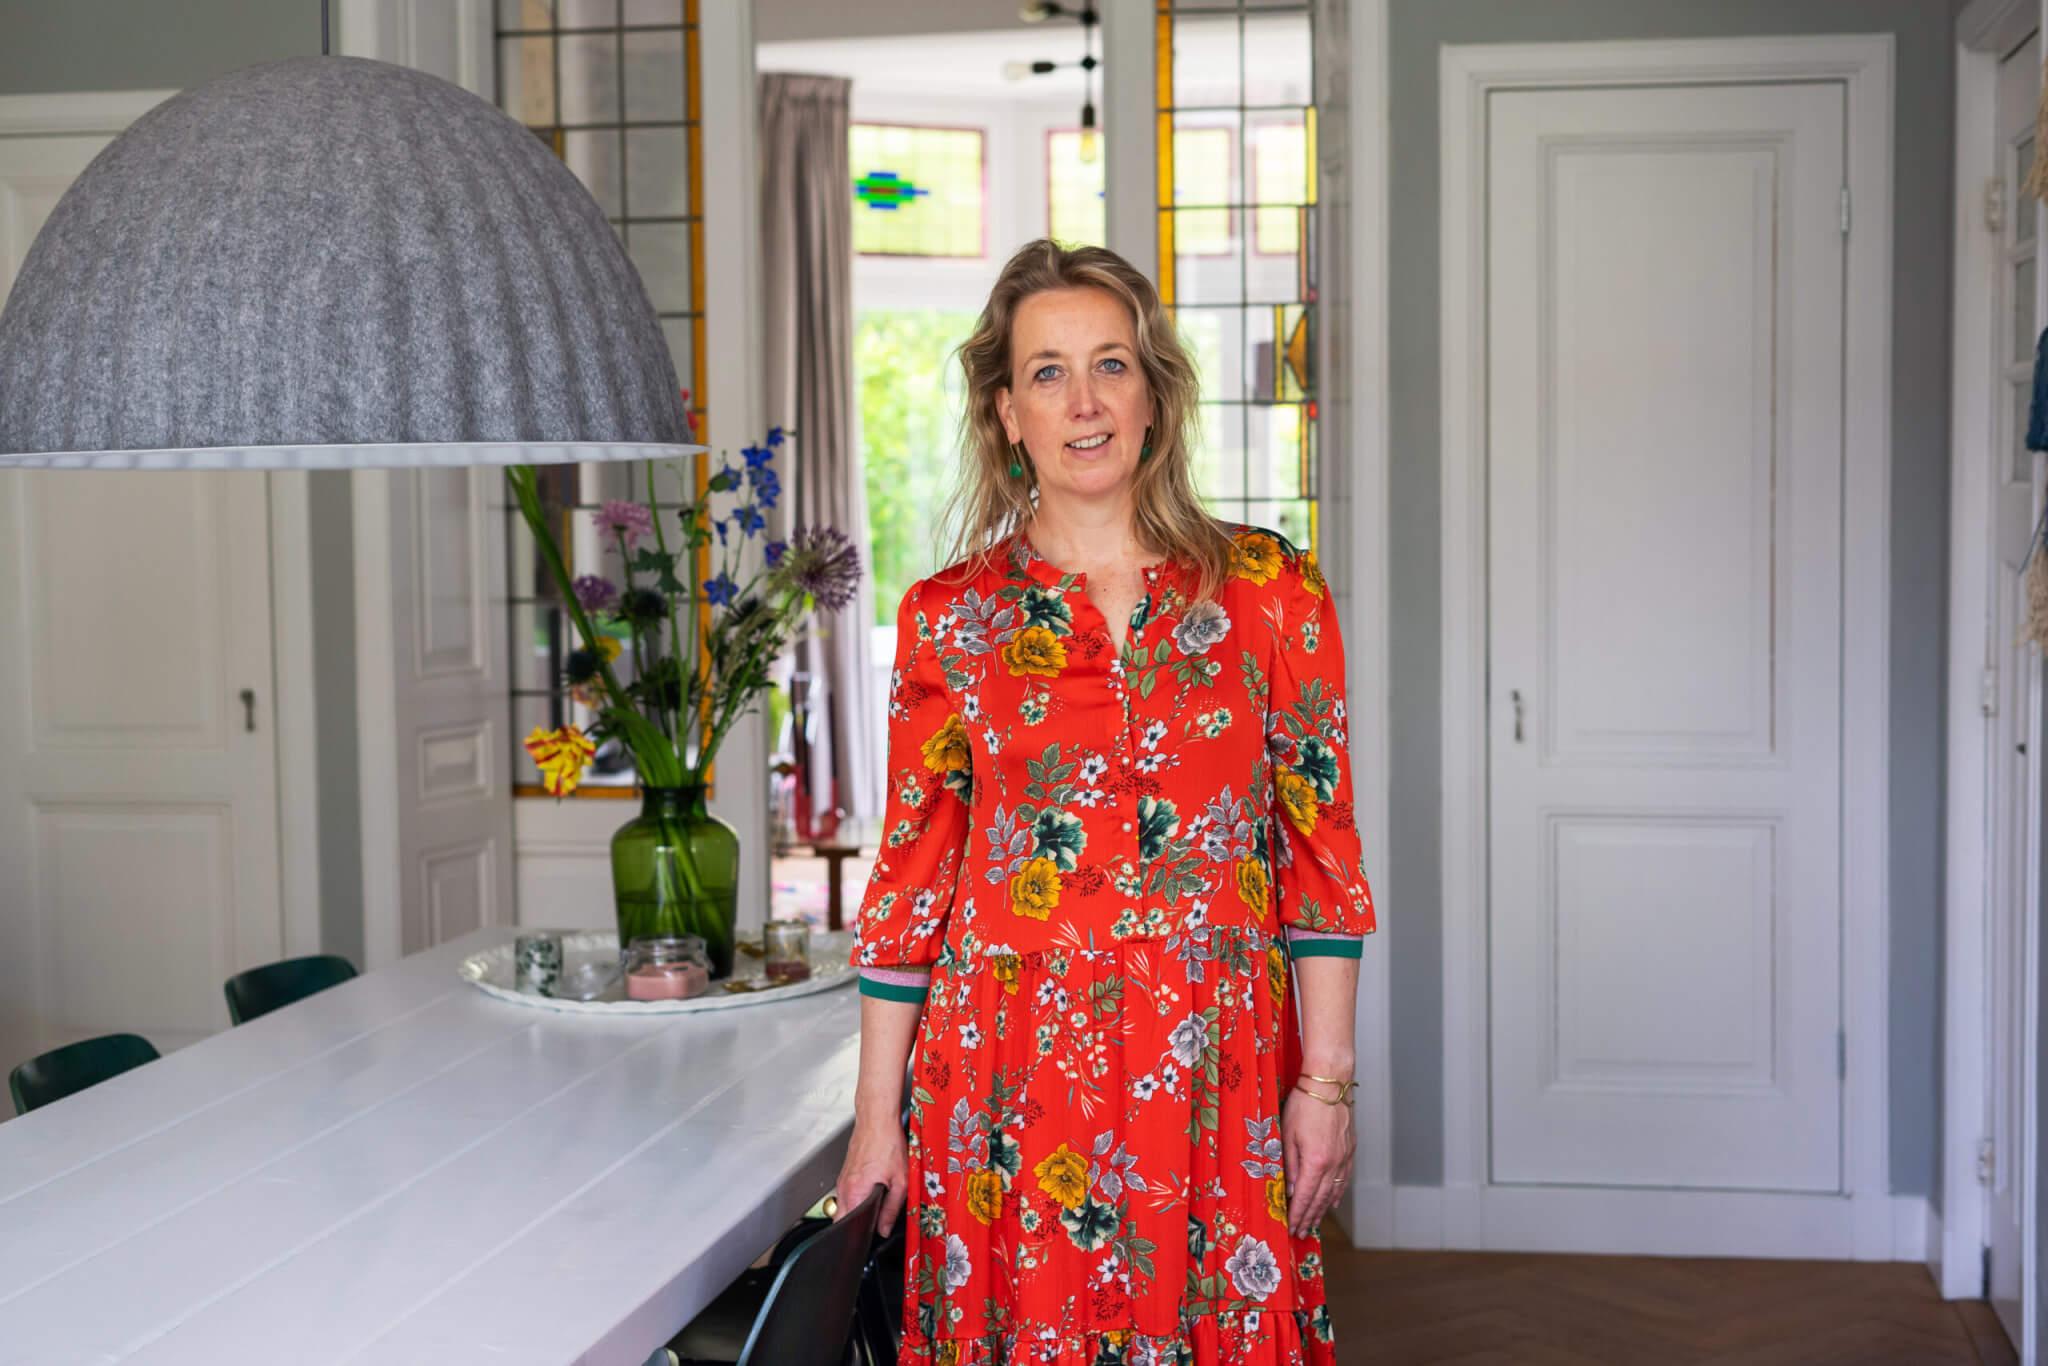 casa&co. helpt bij het realiseren van jouw woondroom